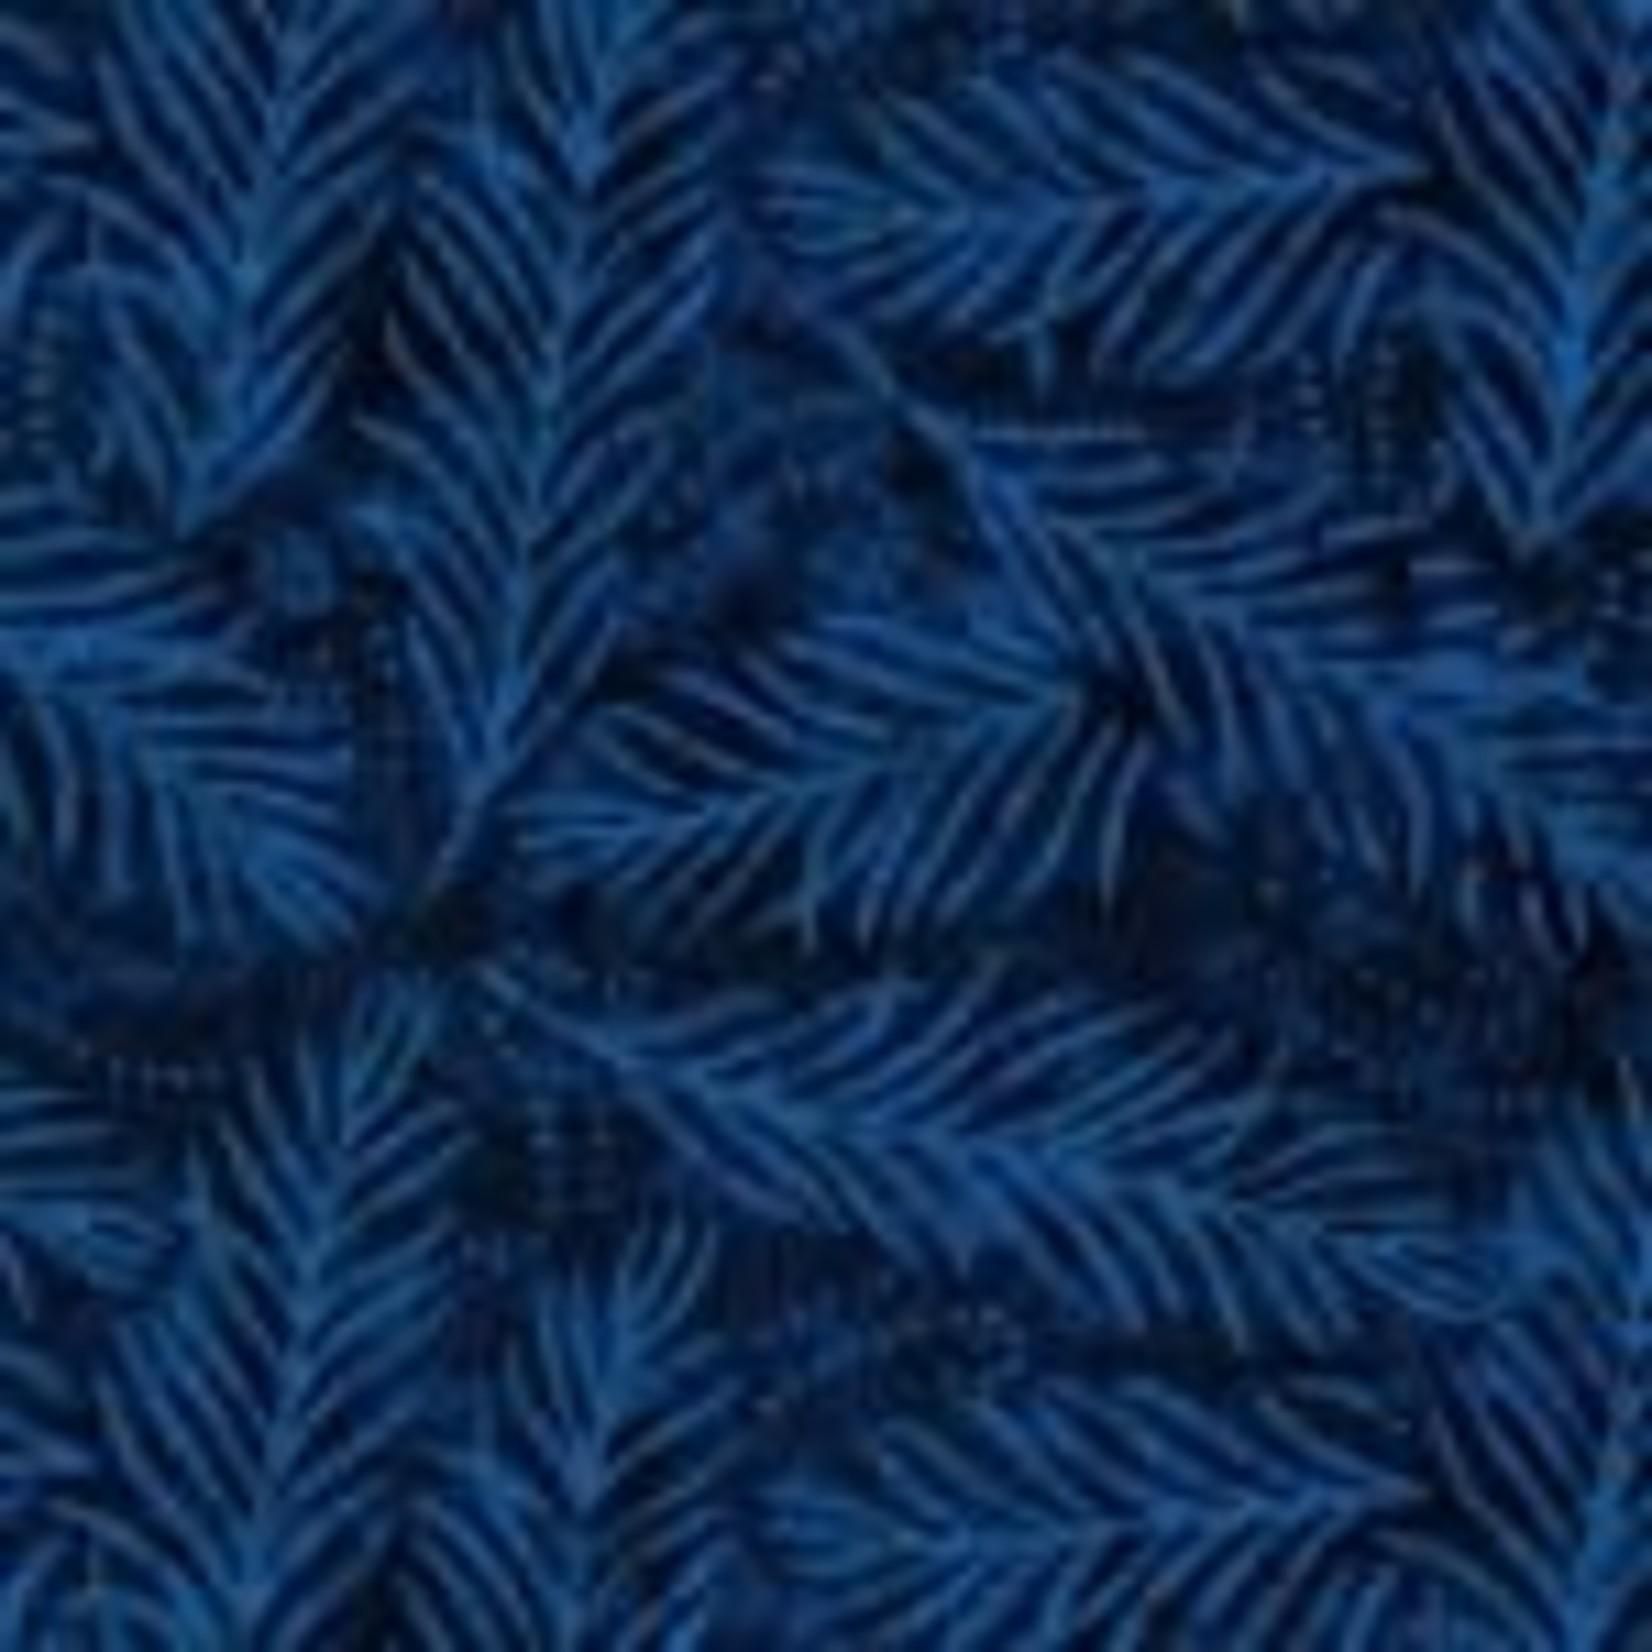 Wilmington Prints Delicate Fronds - Navy